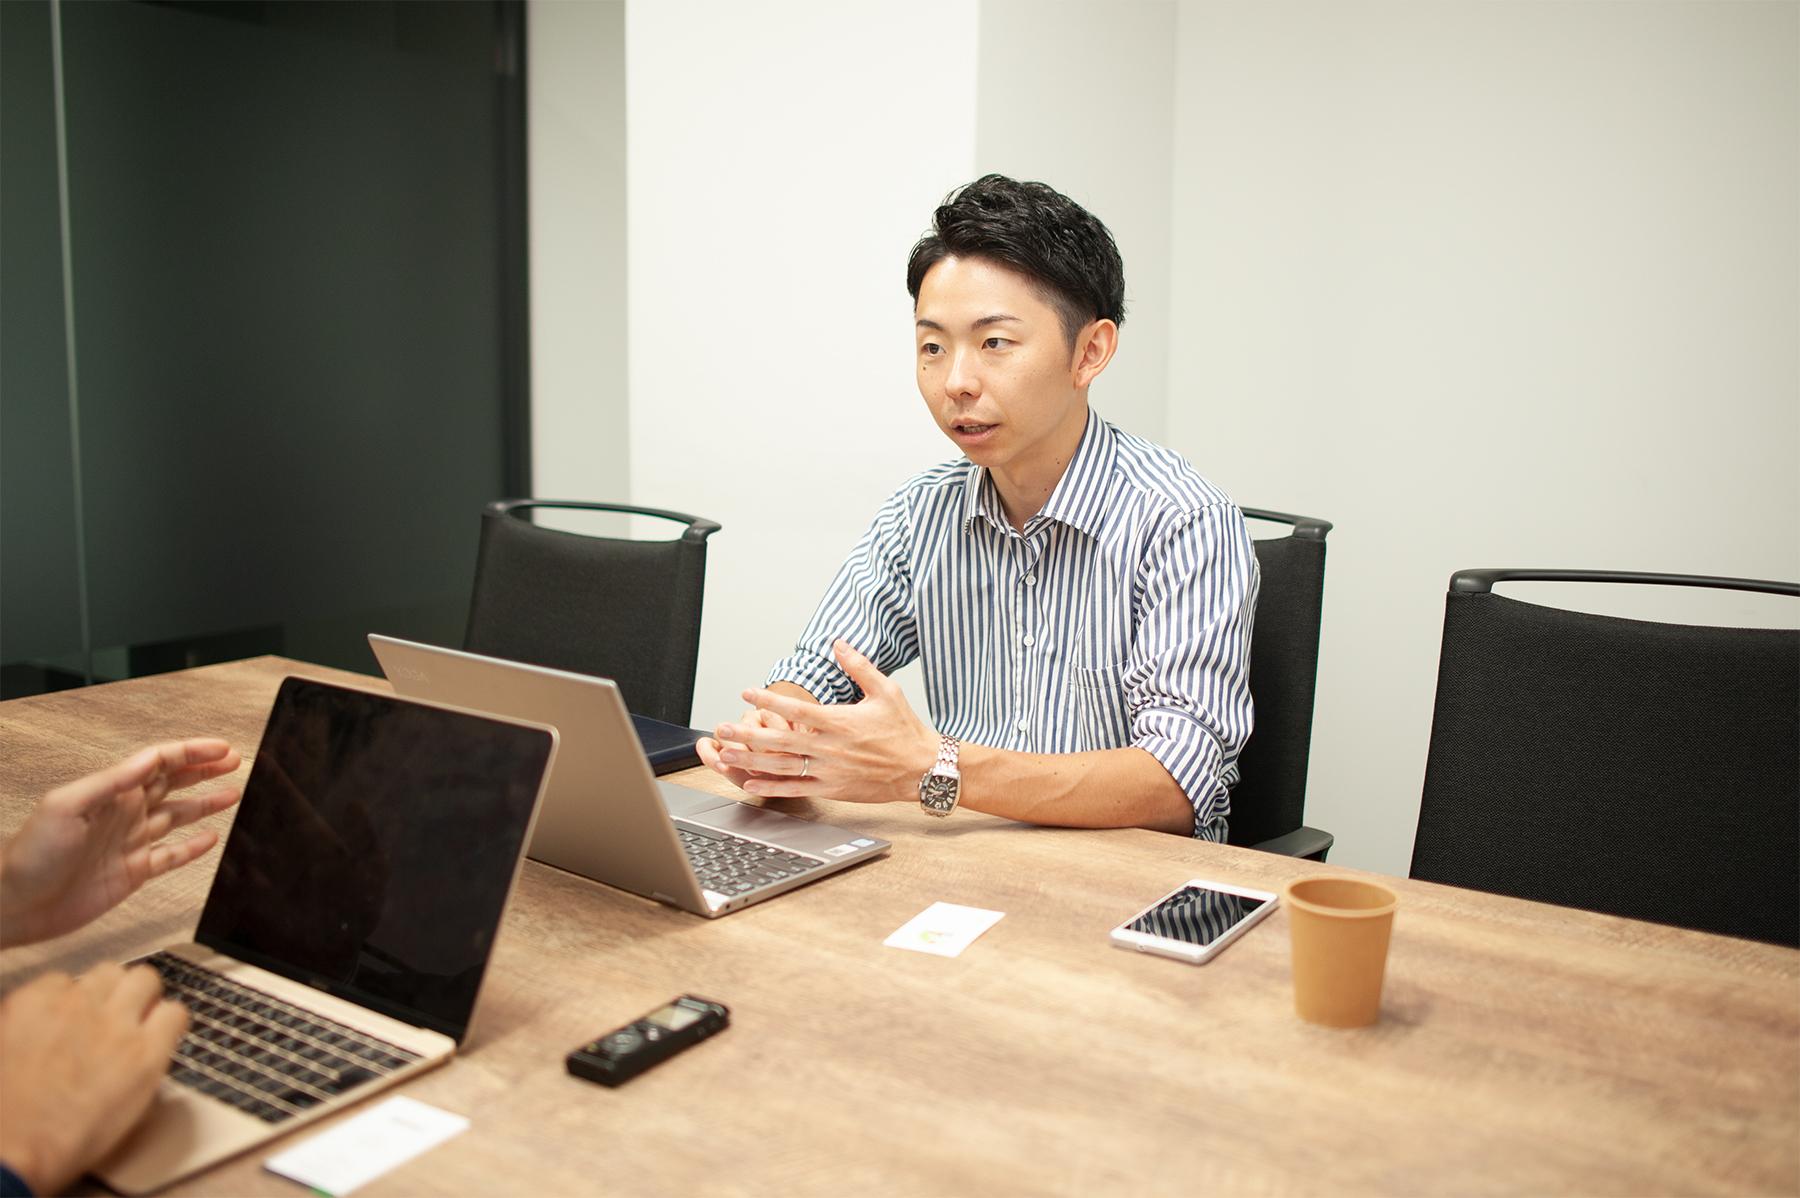 株式会社BANQ 西川 凌平様